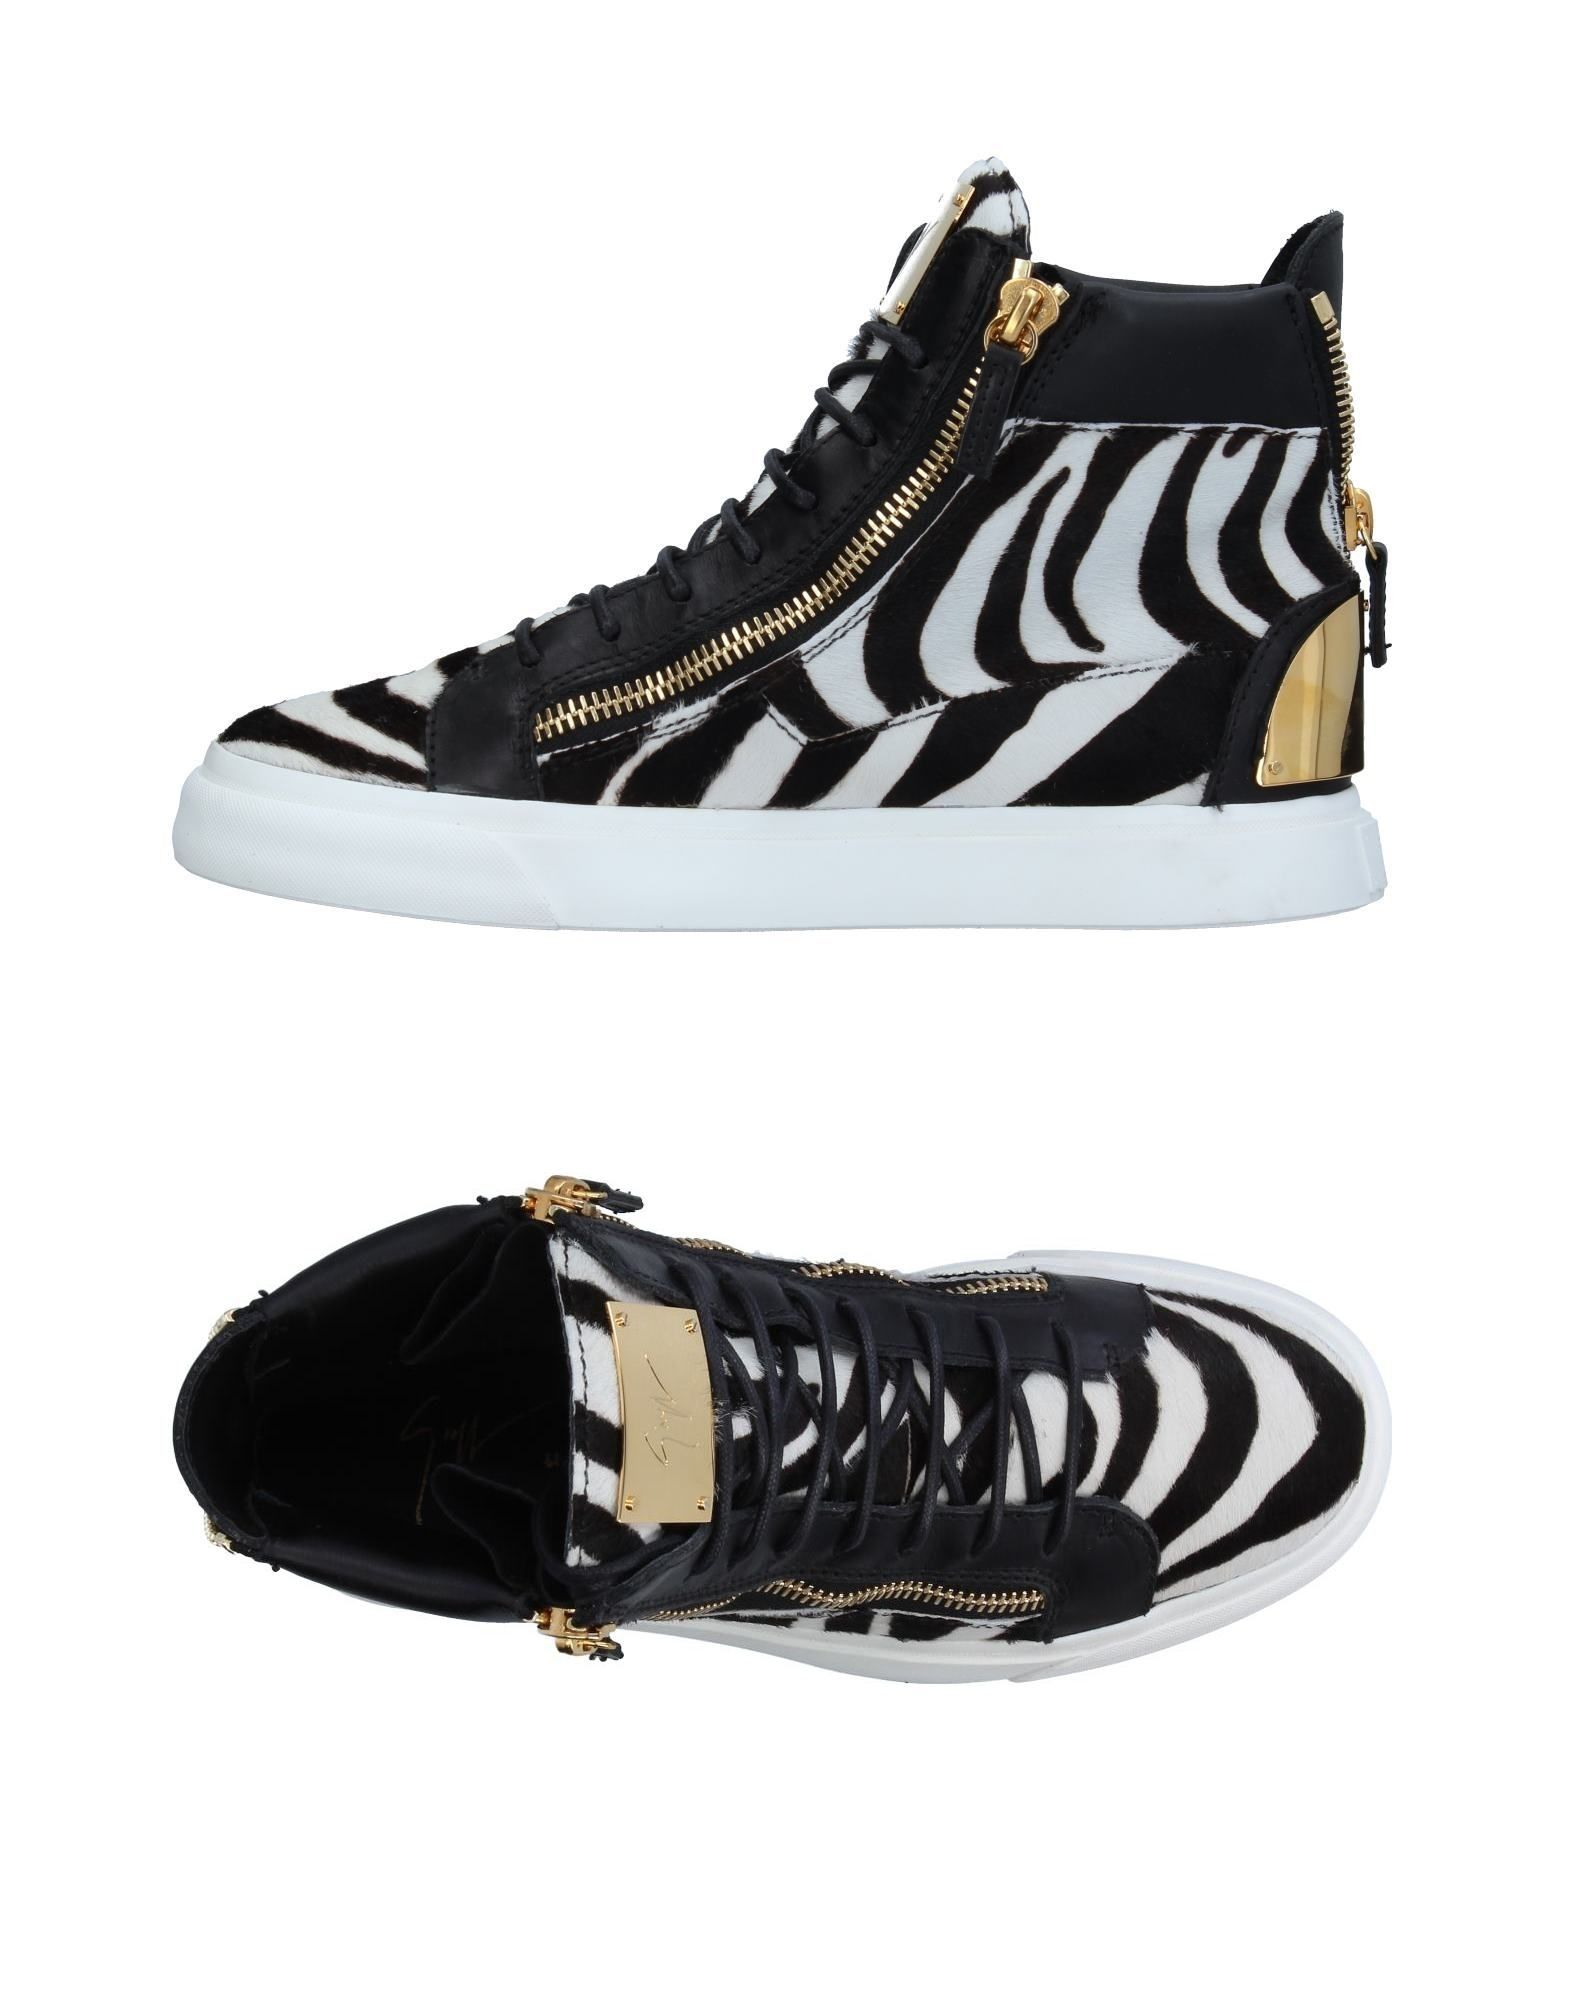 Sneakers Giuseppe Zanotti Homme - Sneakers Giuseppe Zanotti  Noir Les chaussures les plus populaires pour les hommes et les femmes